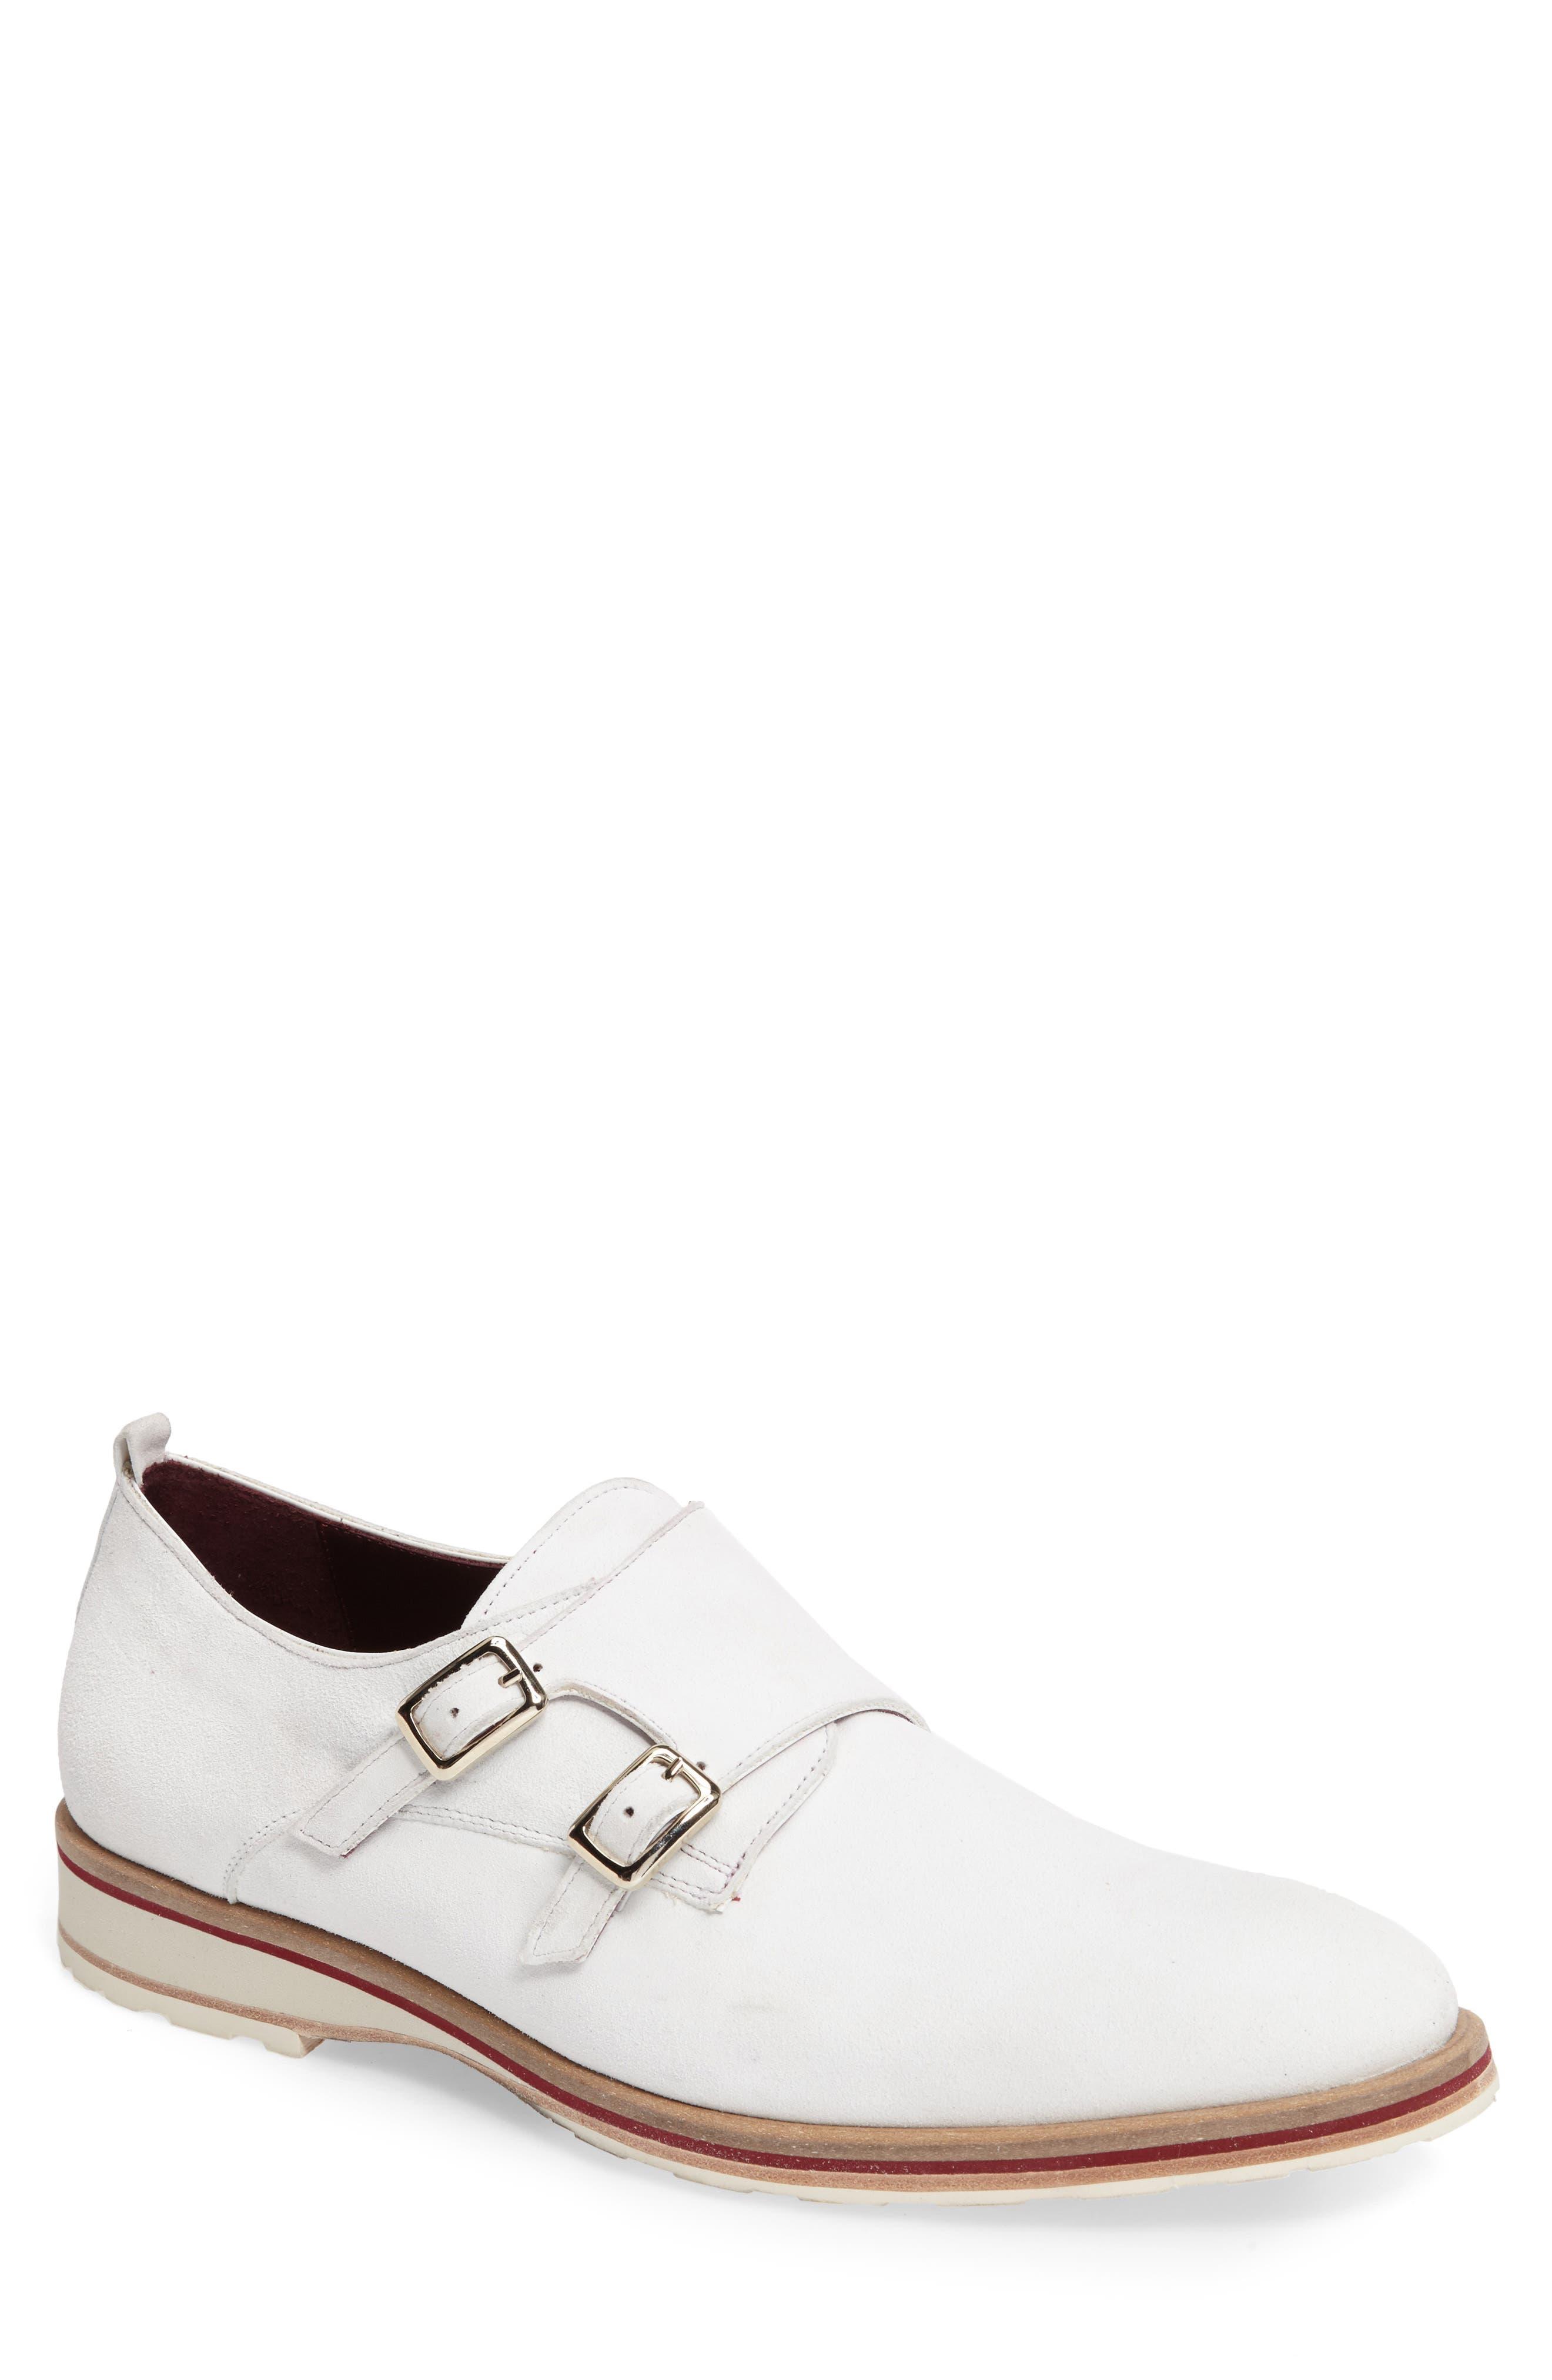 Mezlan Davy Double Monk Strap Shoe (Men)